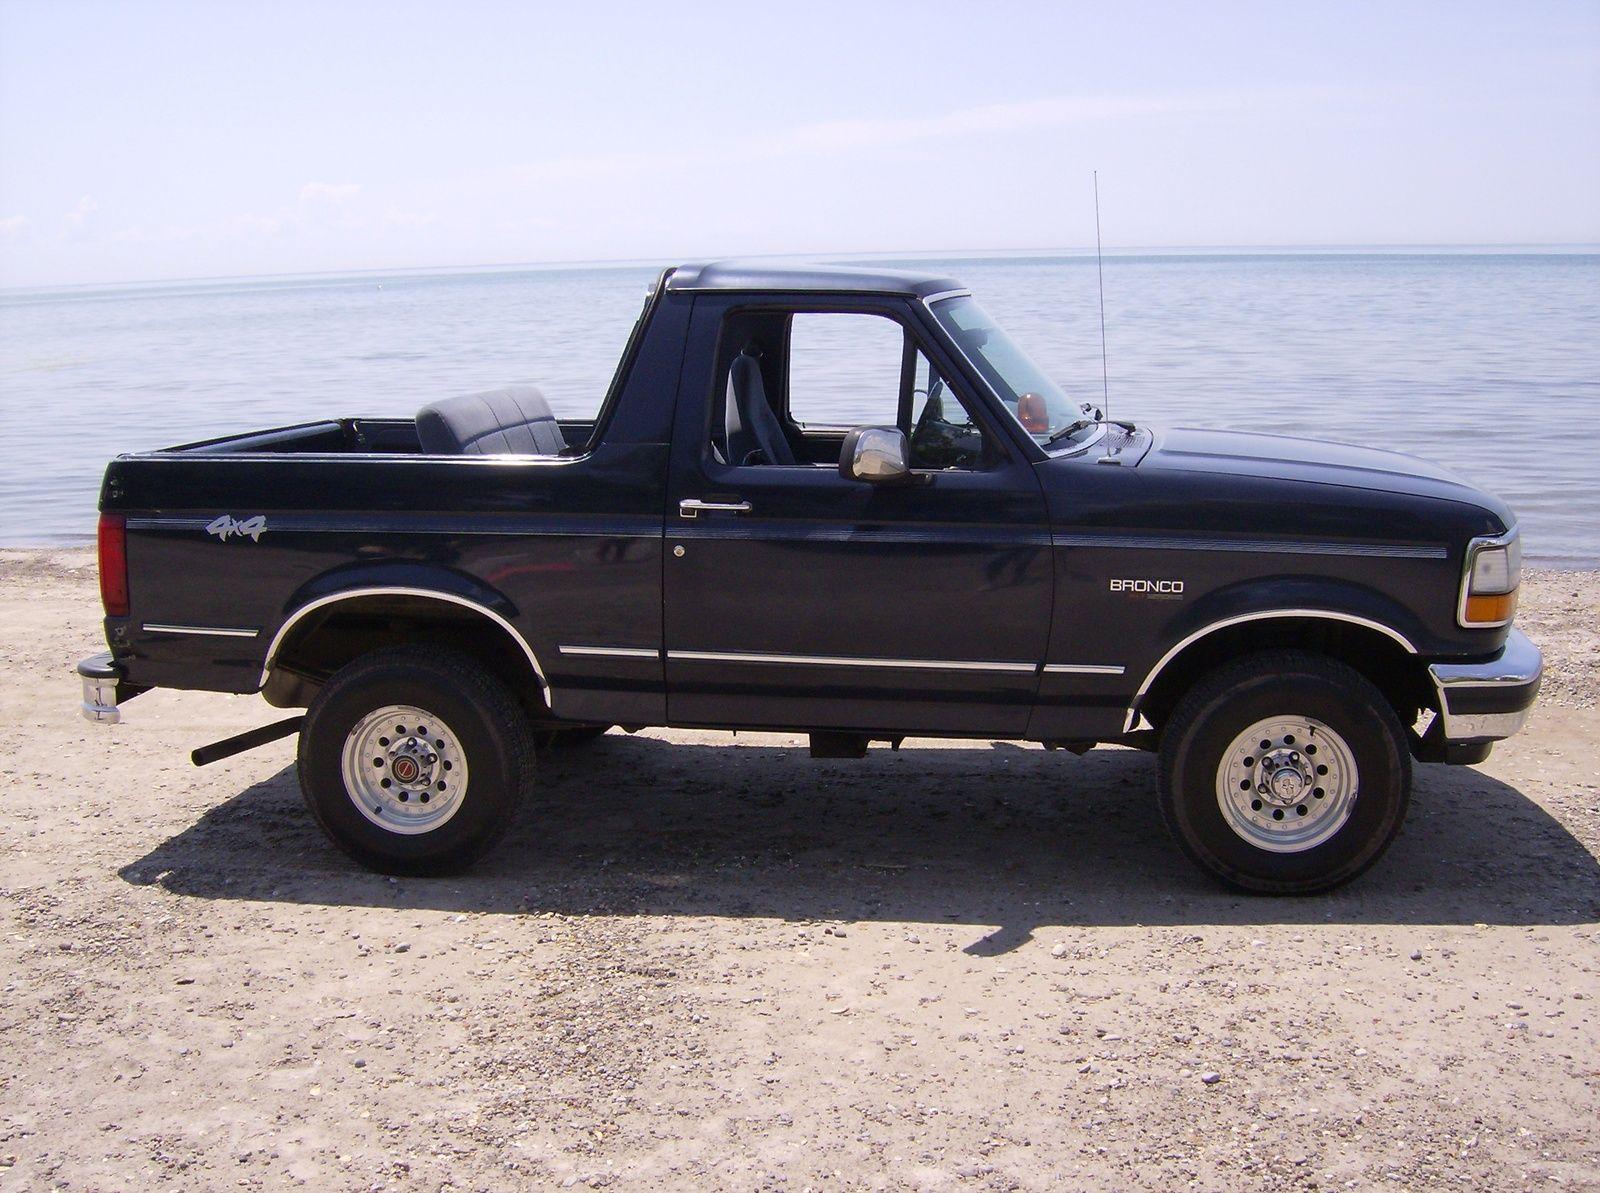 Black 1992 ford bronco suv